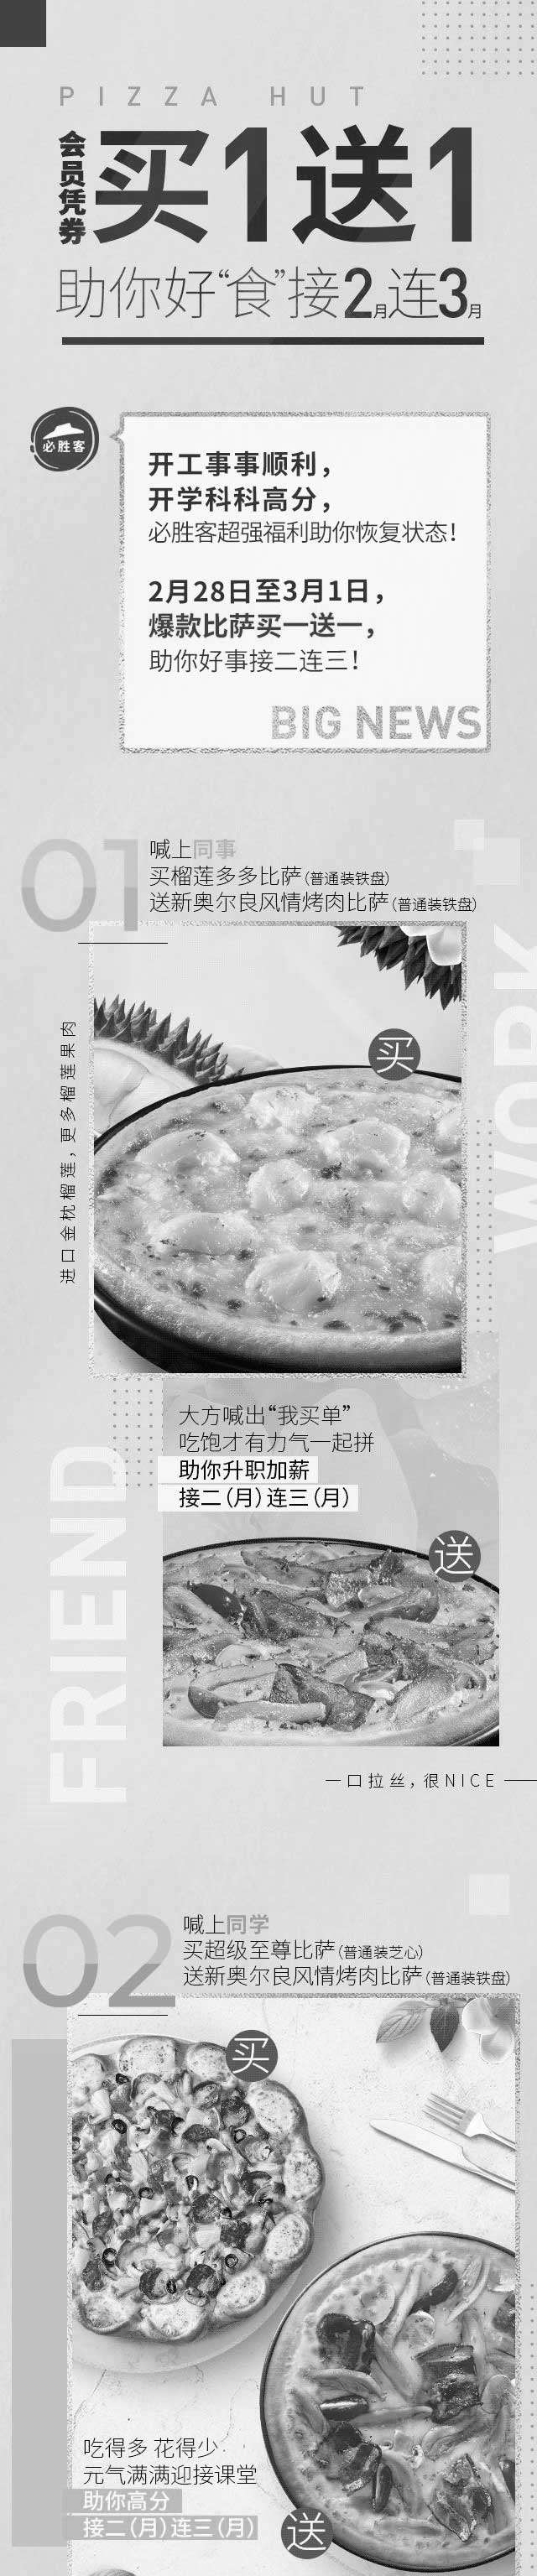 黑白优惠券图片:必胜客比萨买一送一,会员凭券专享限时两天 - www.5ikfc.com